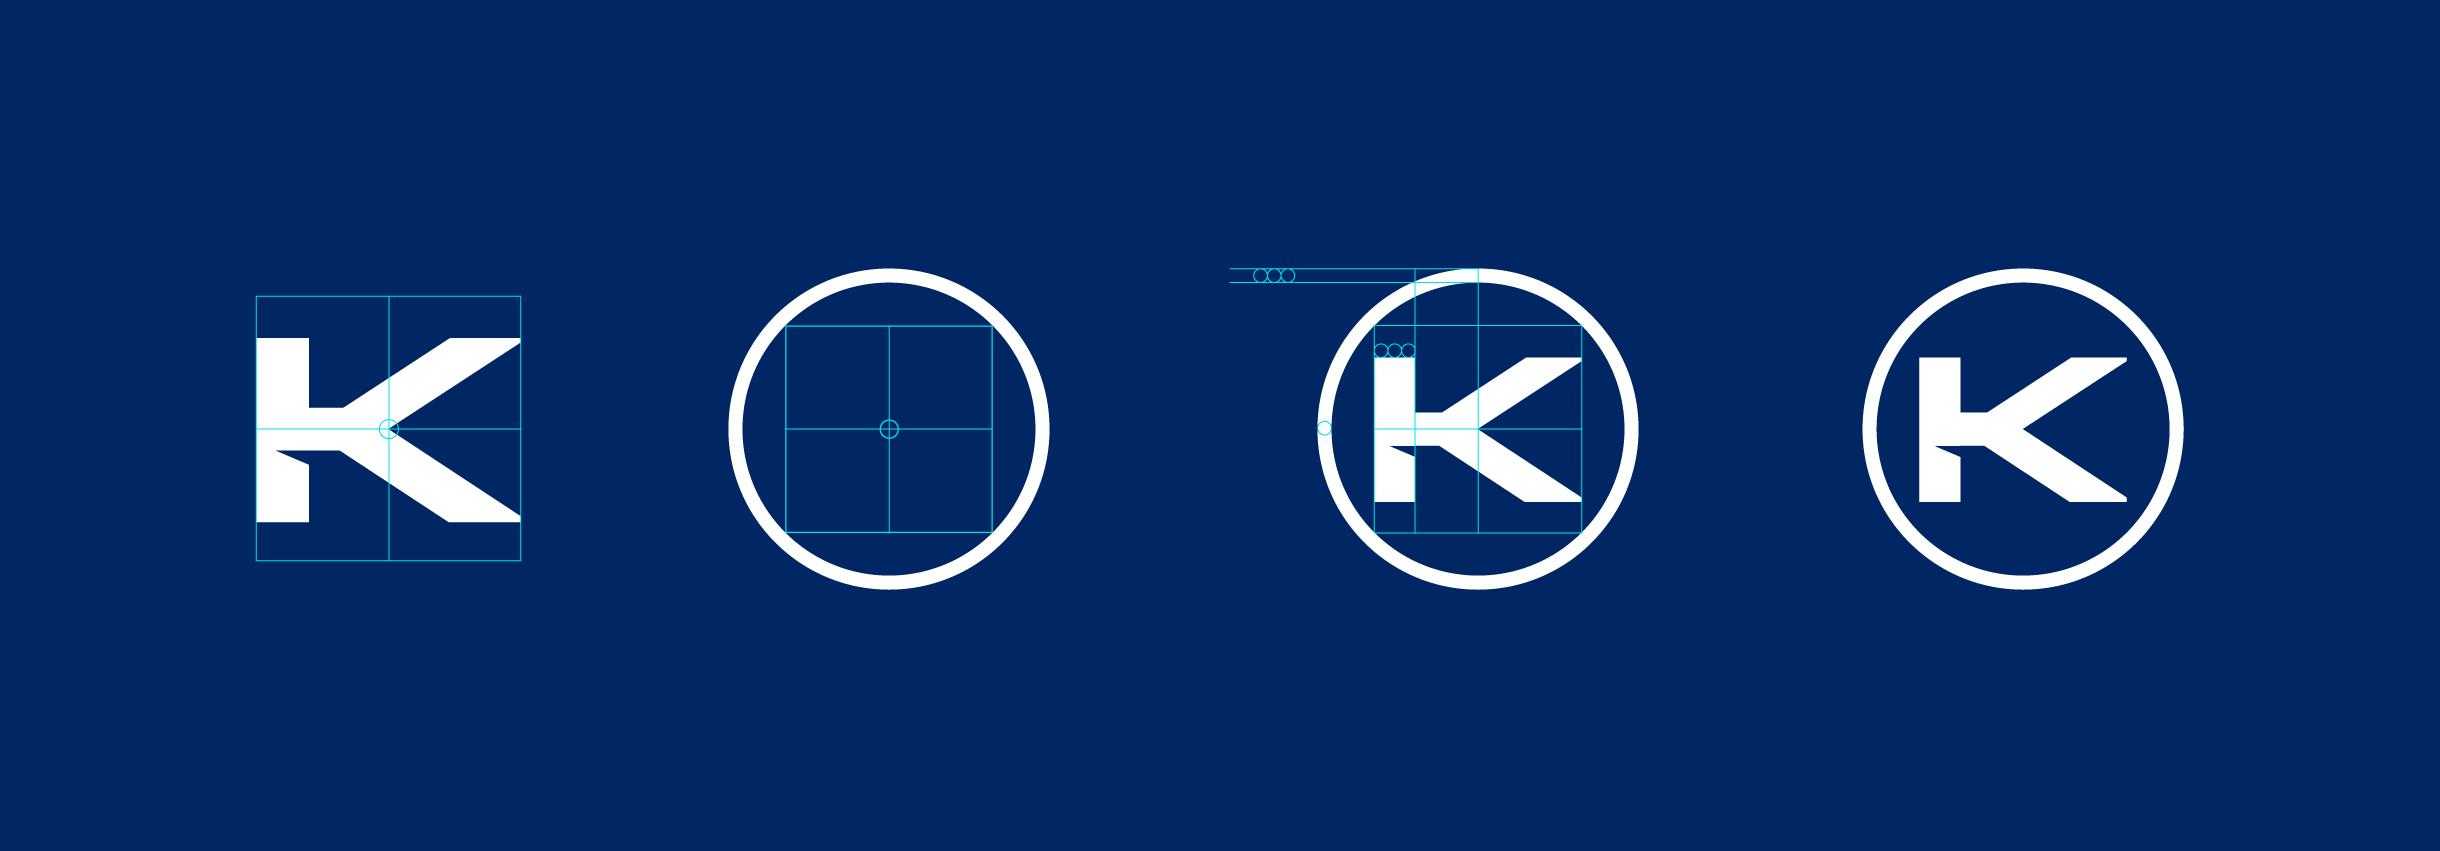 Kearys-Mark-Structure